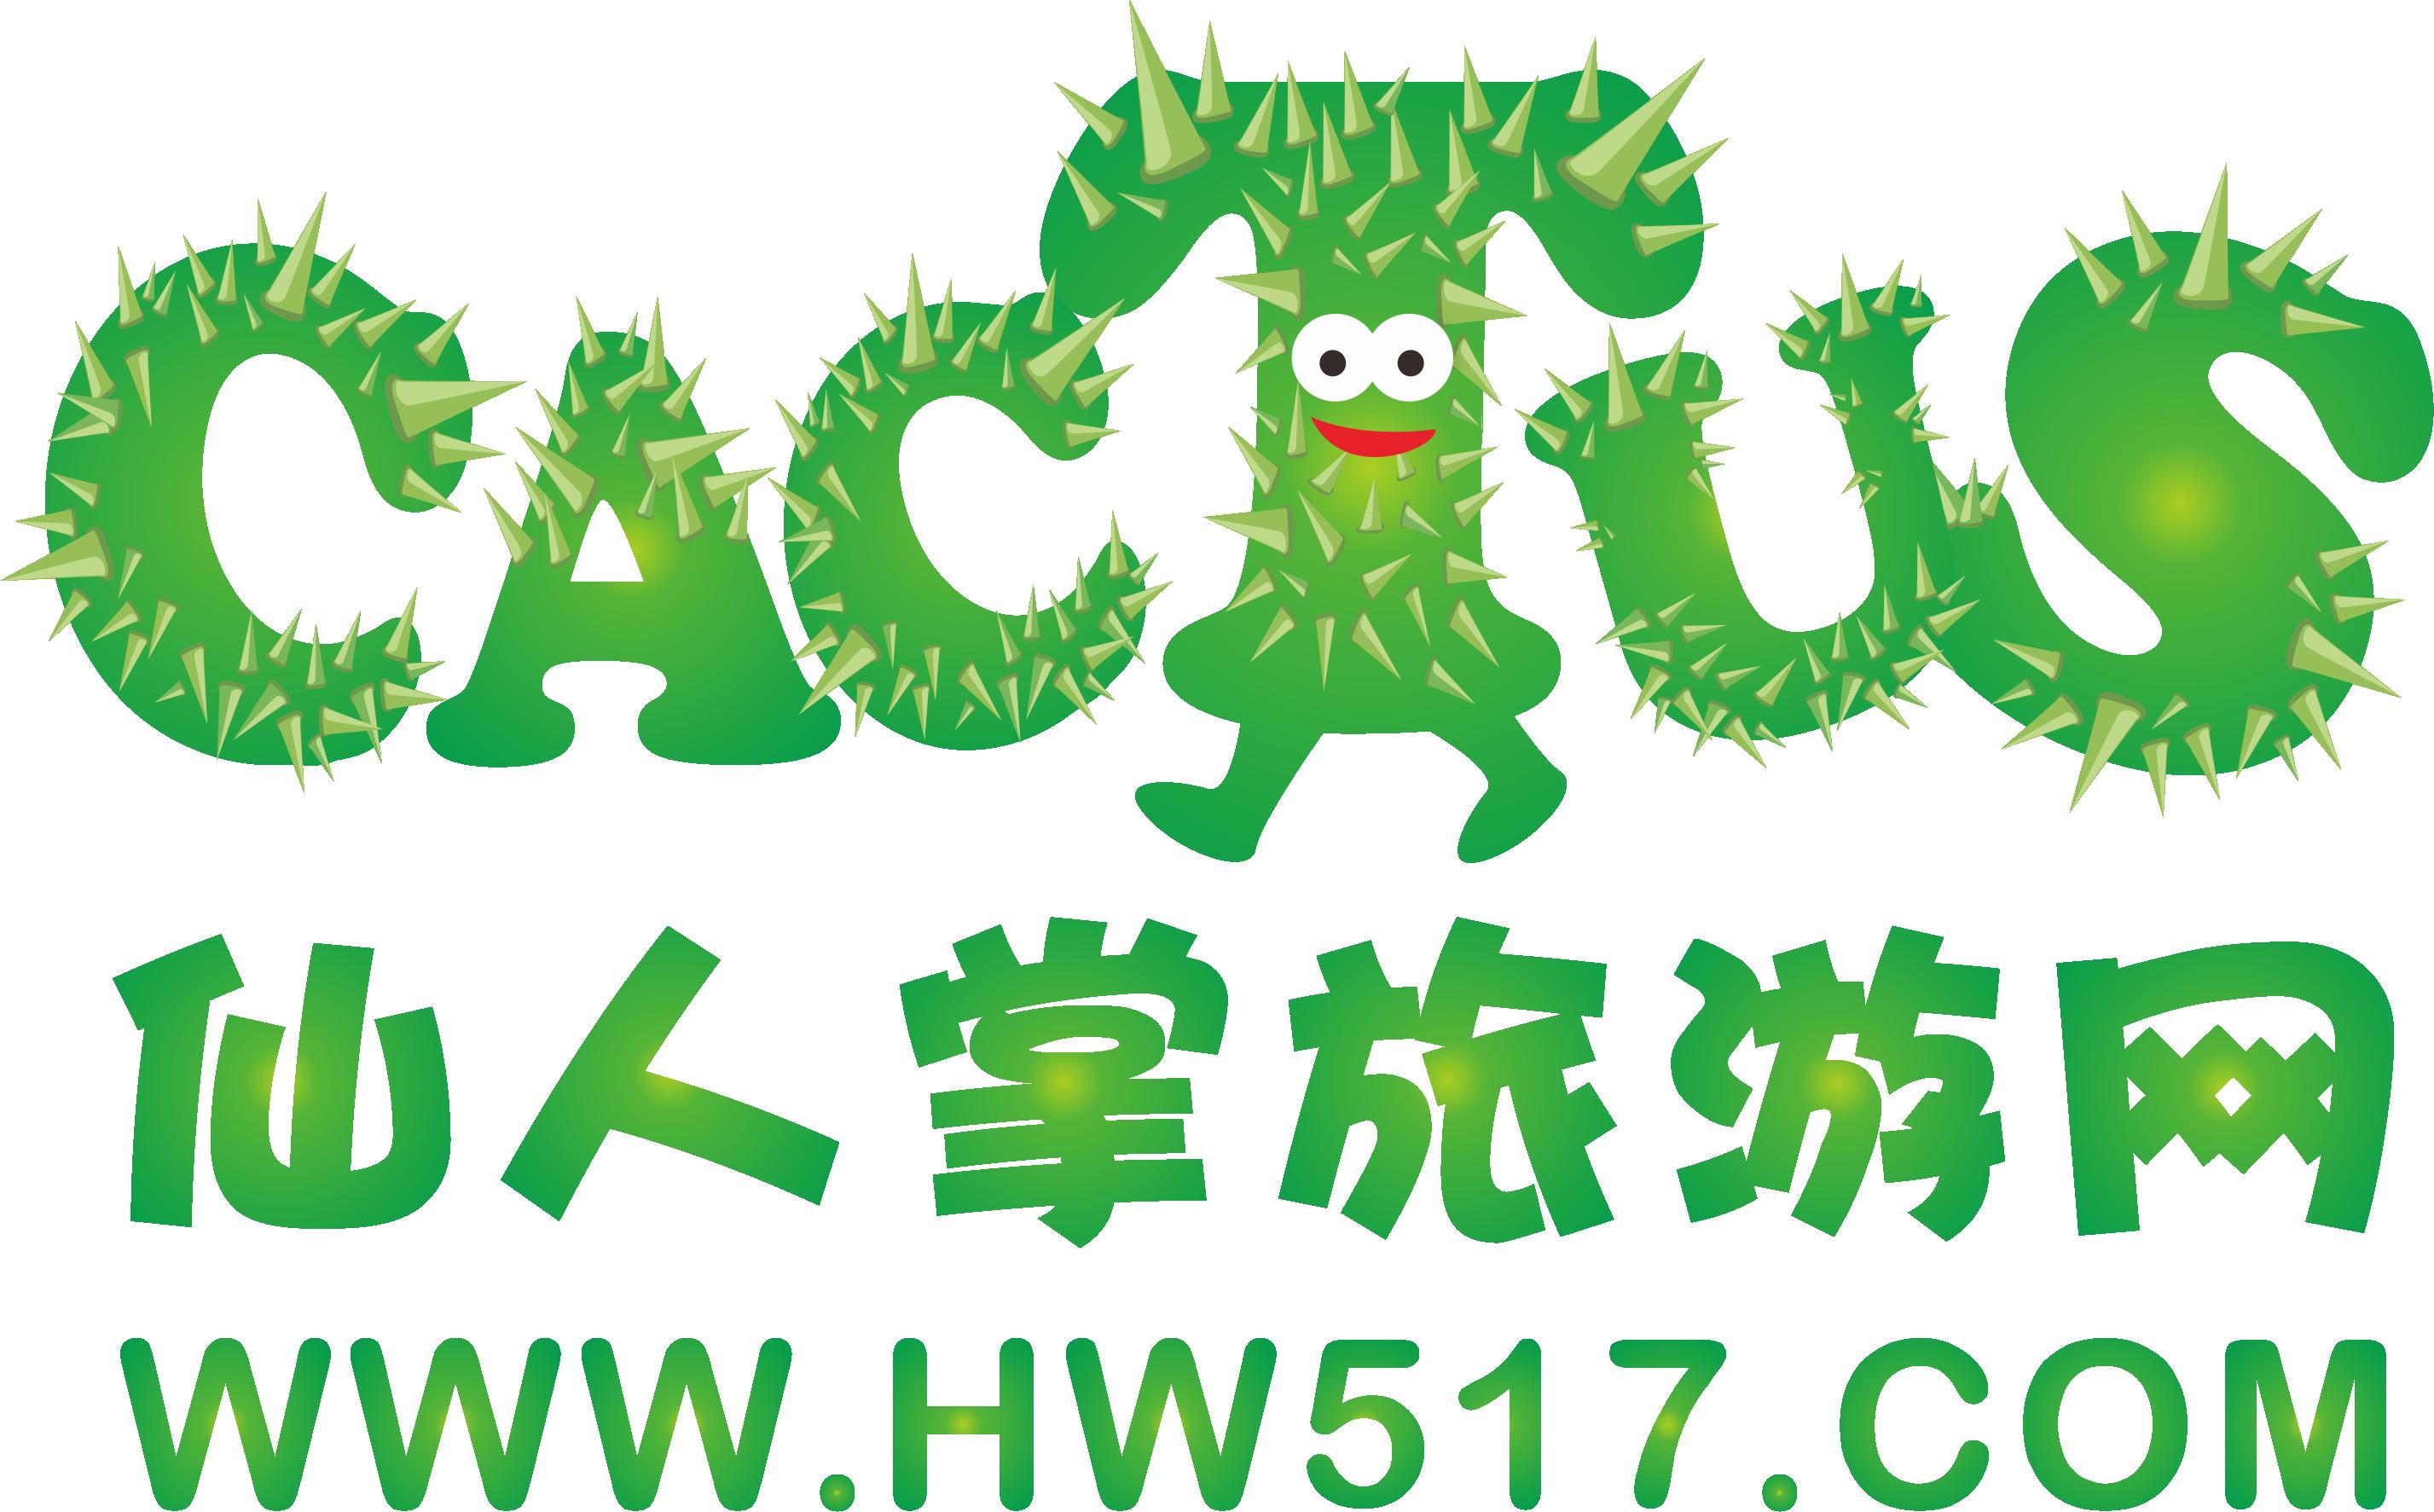 【仙人掌旅游】上海迪士尼乐园二次入园二日游